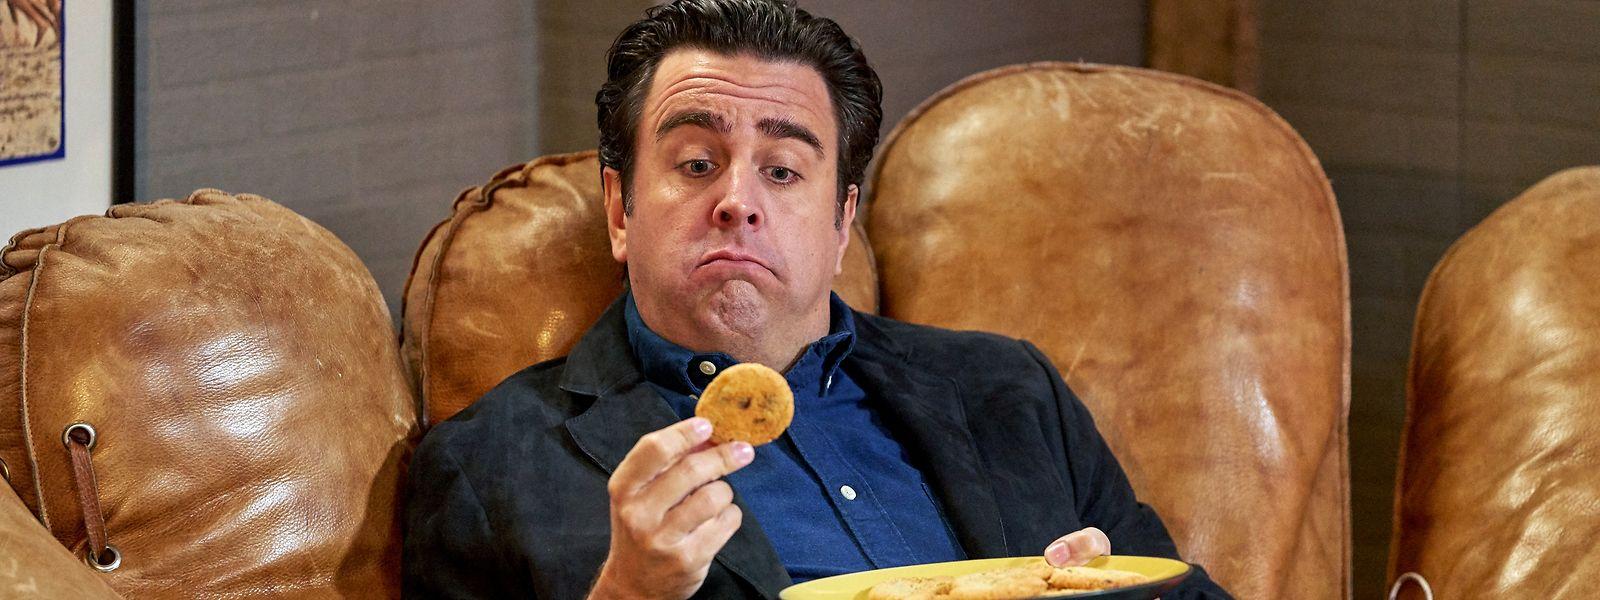 """Das kann nur ihm passieren: Bastian isst aus Versehen Haschkekse - eine Szene aus der Sitcom """"Pastewka""""."""